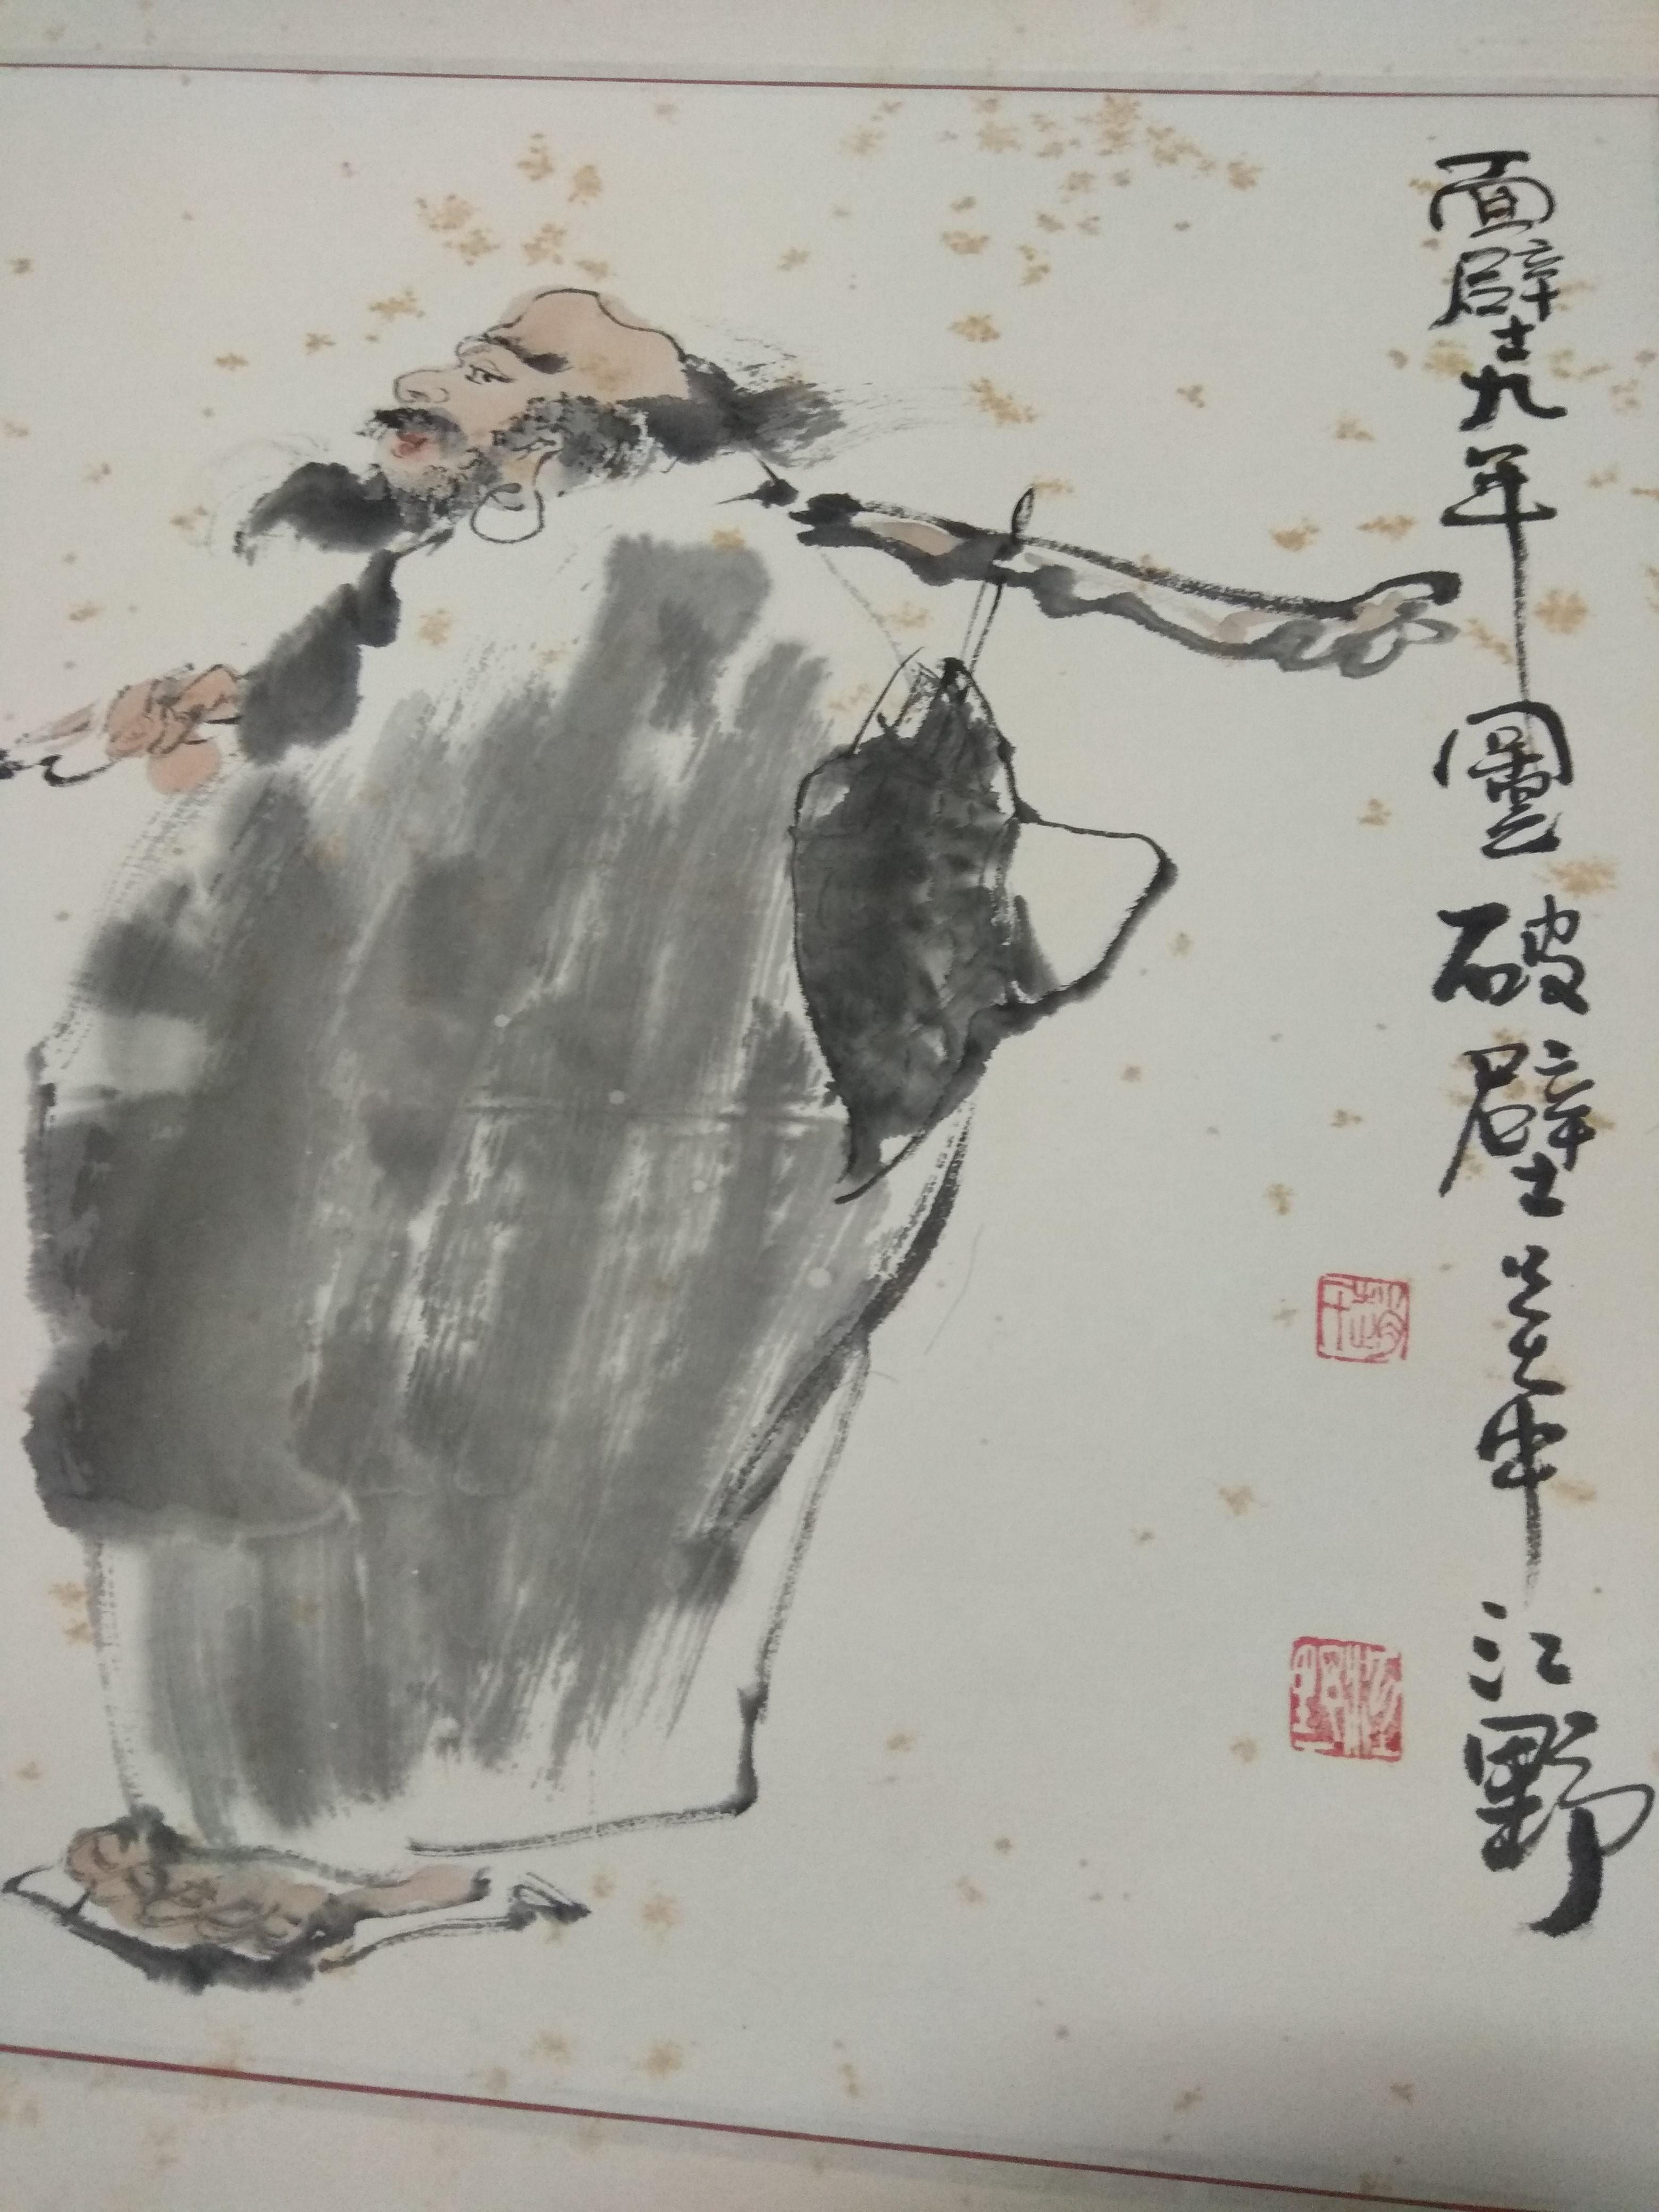 江野畫作(面壁九年圖破壁)達摩祖師